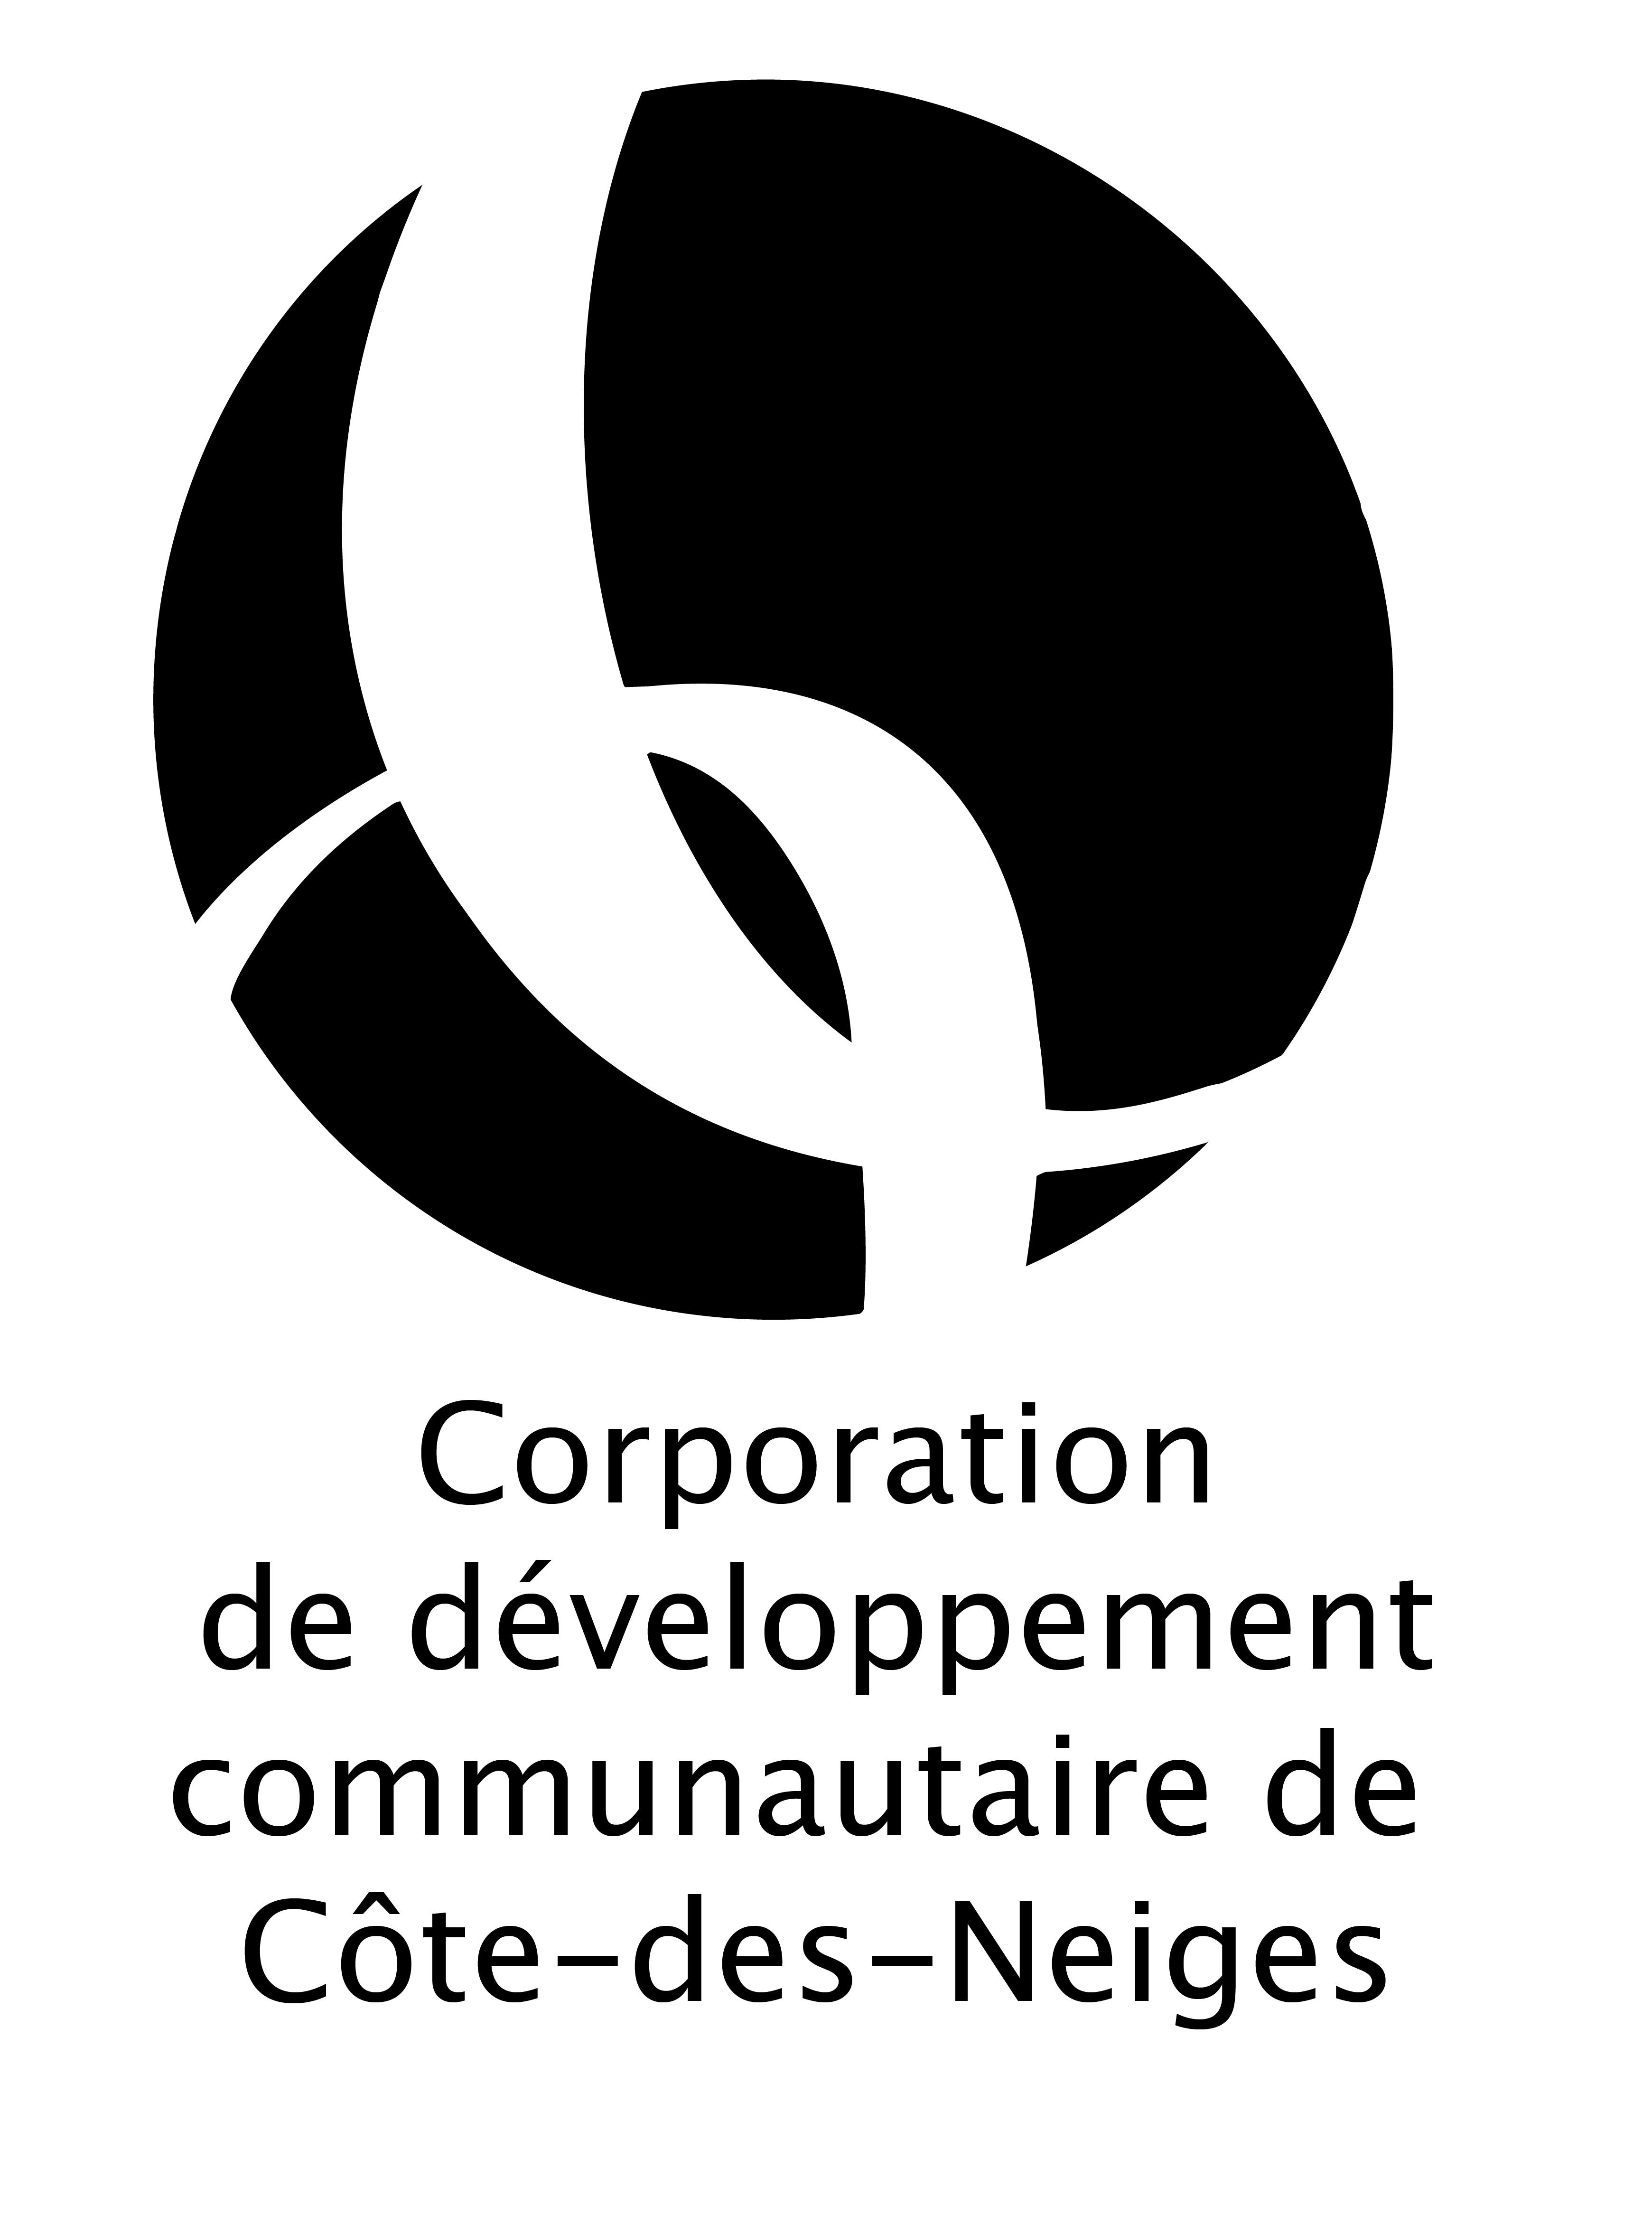 la Corporation de développement communautaire de Côte-des-Neiges